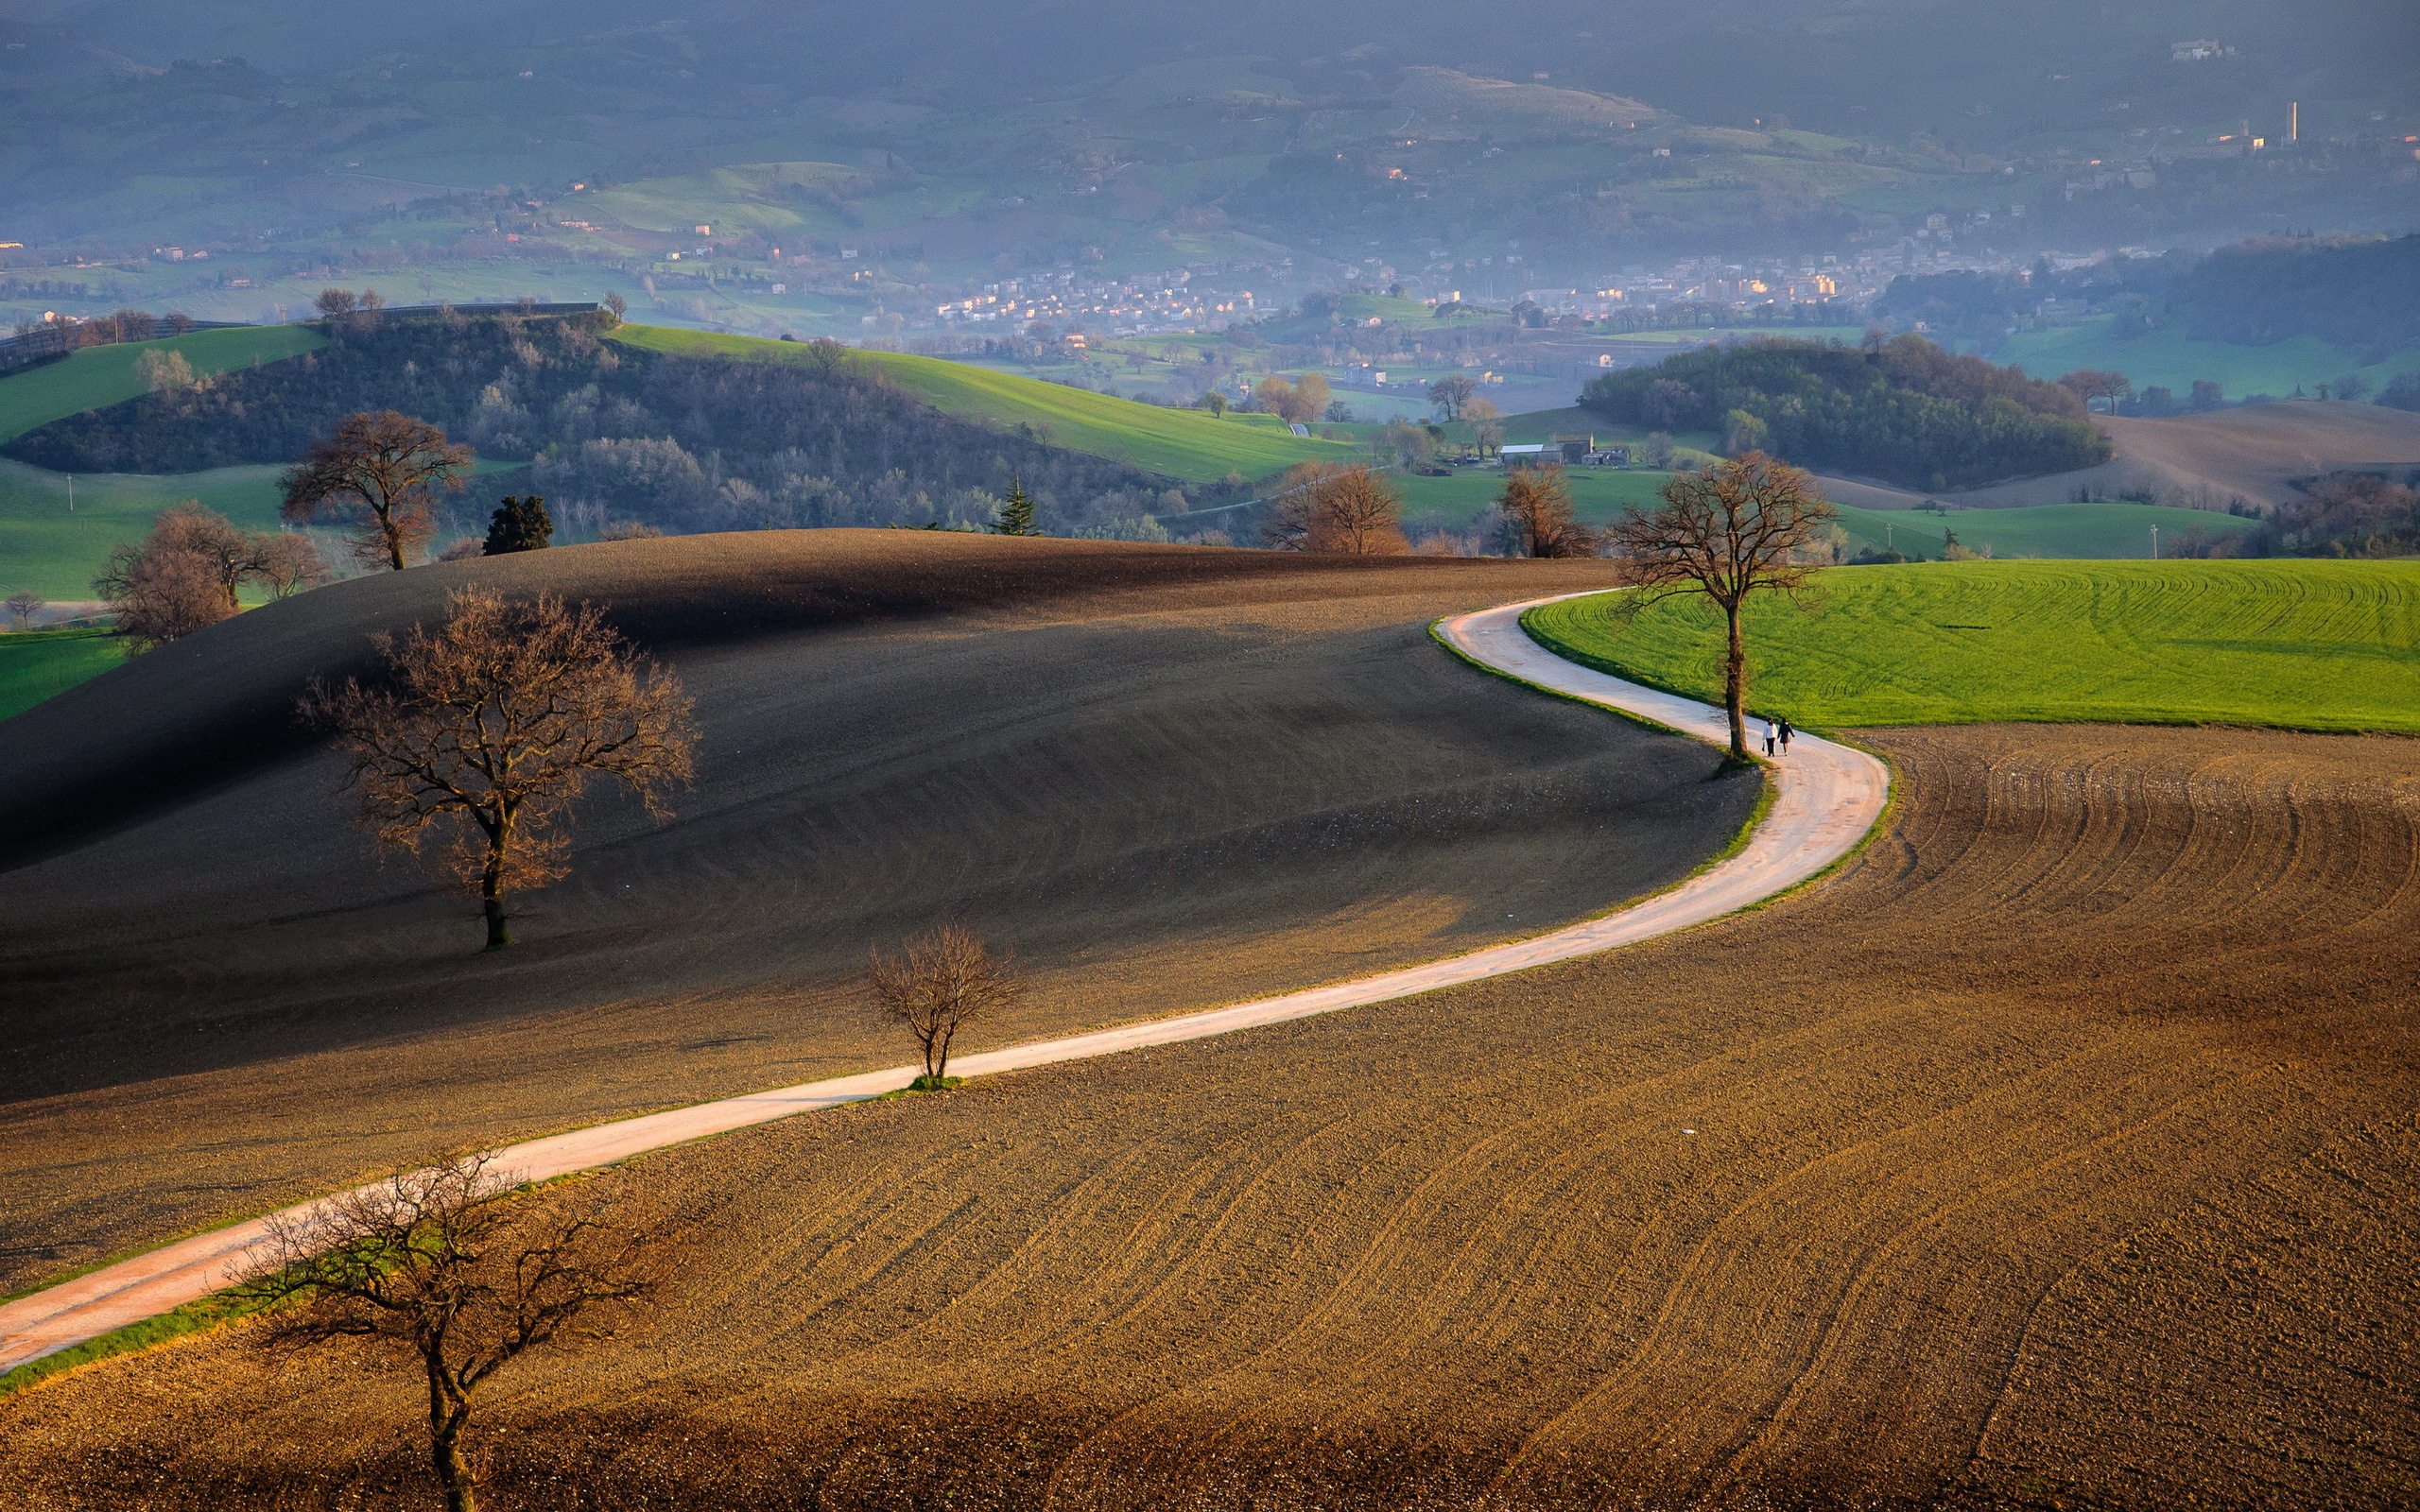 дорога в Италии  № 2221834 бесплатно